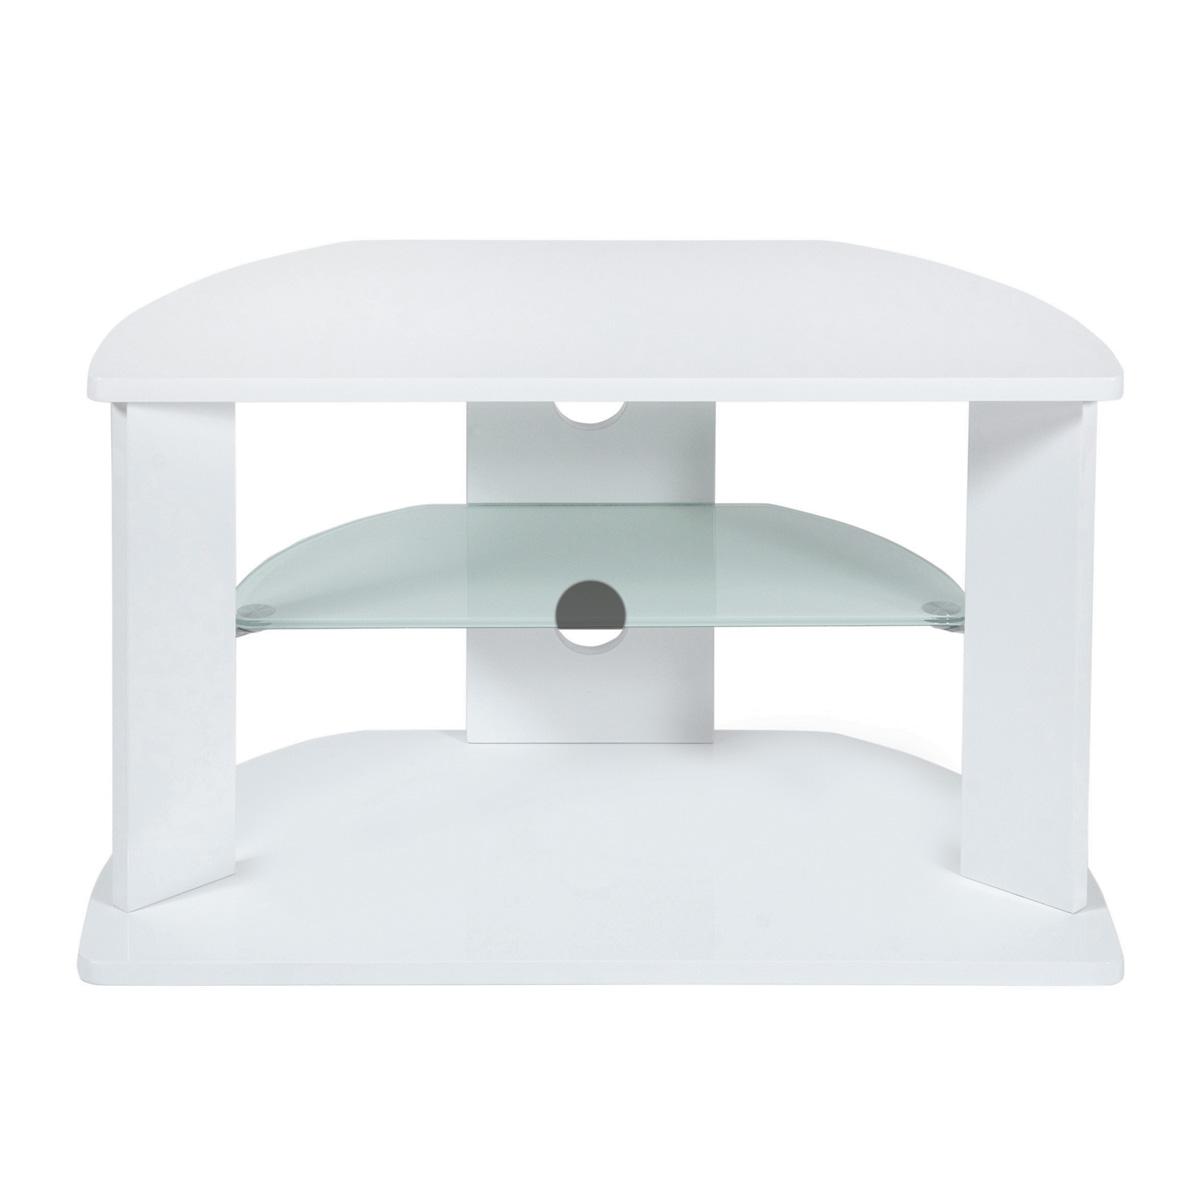 white tv corner stand shelves. Black Bedroom Furniture Sets. Home Design Ideas